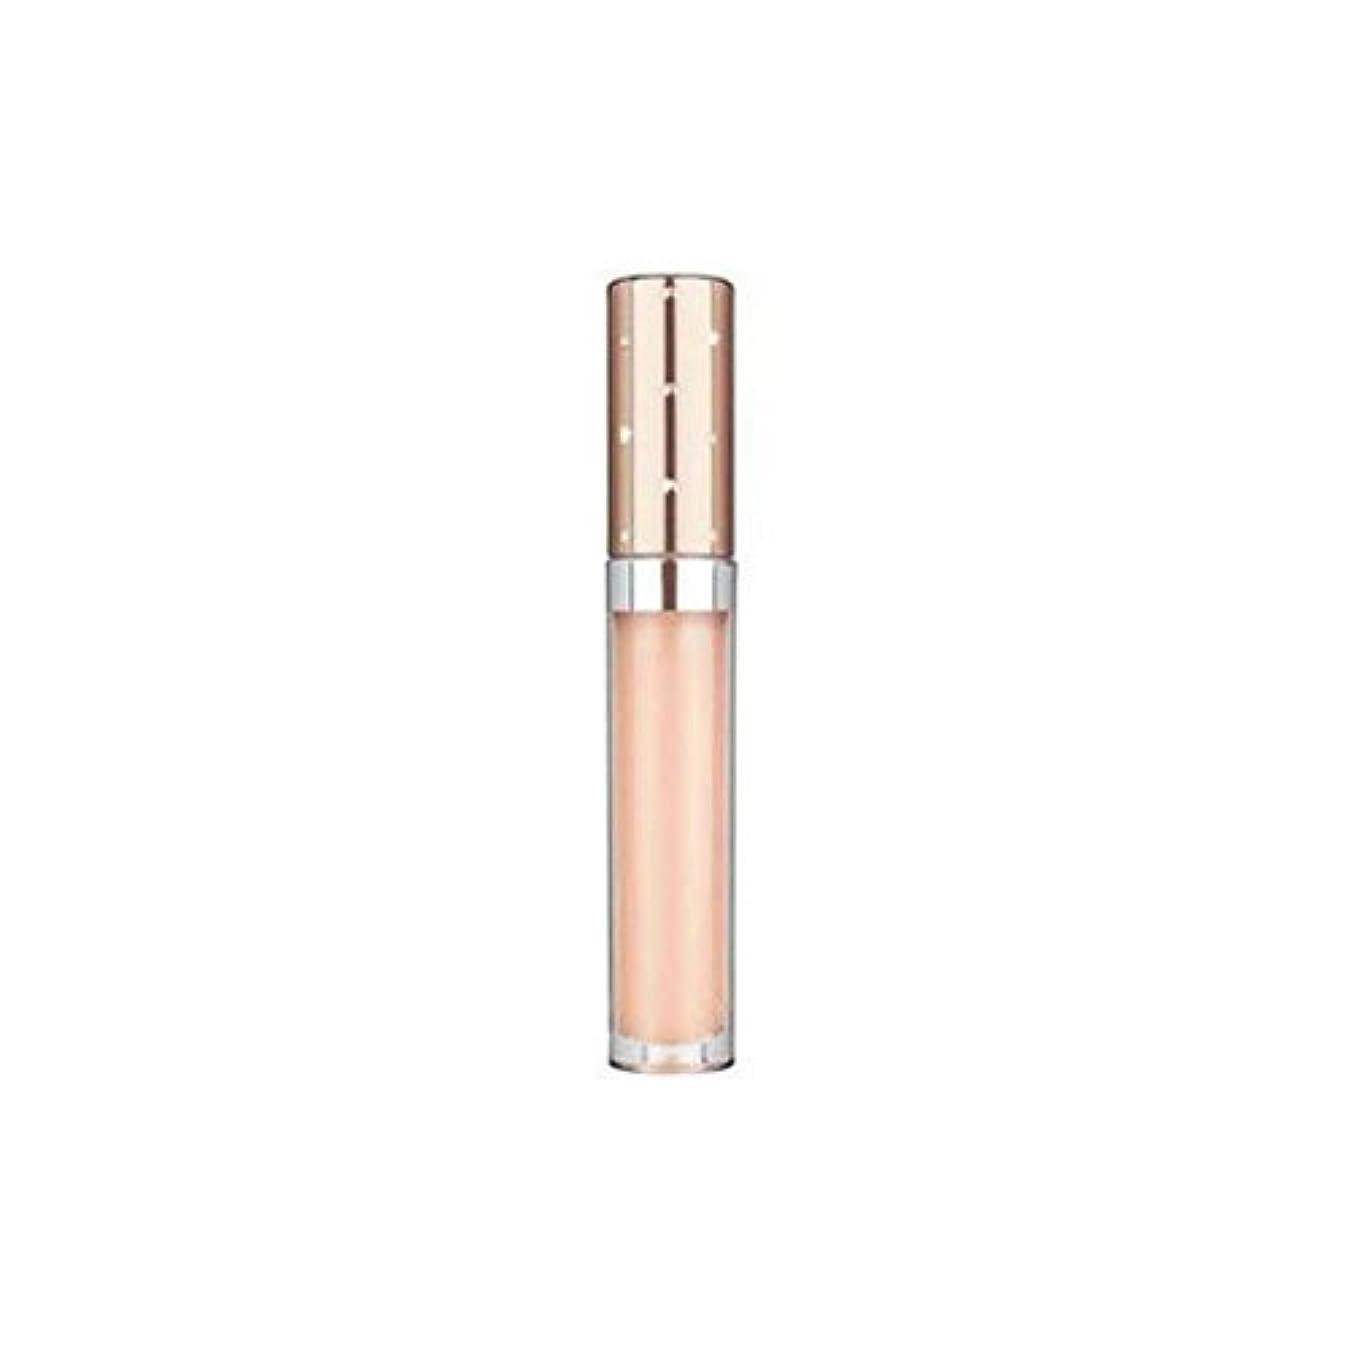 プレゼン経験的該当するインスタントリップパーフェクション15(5ミリリットル) x4 - Nubo Instant Lip Perfection Spf15 (5ml) (Pack of 4) [並行輸入品]